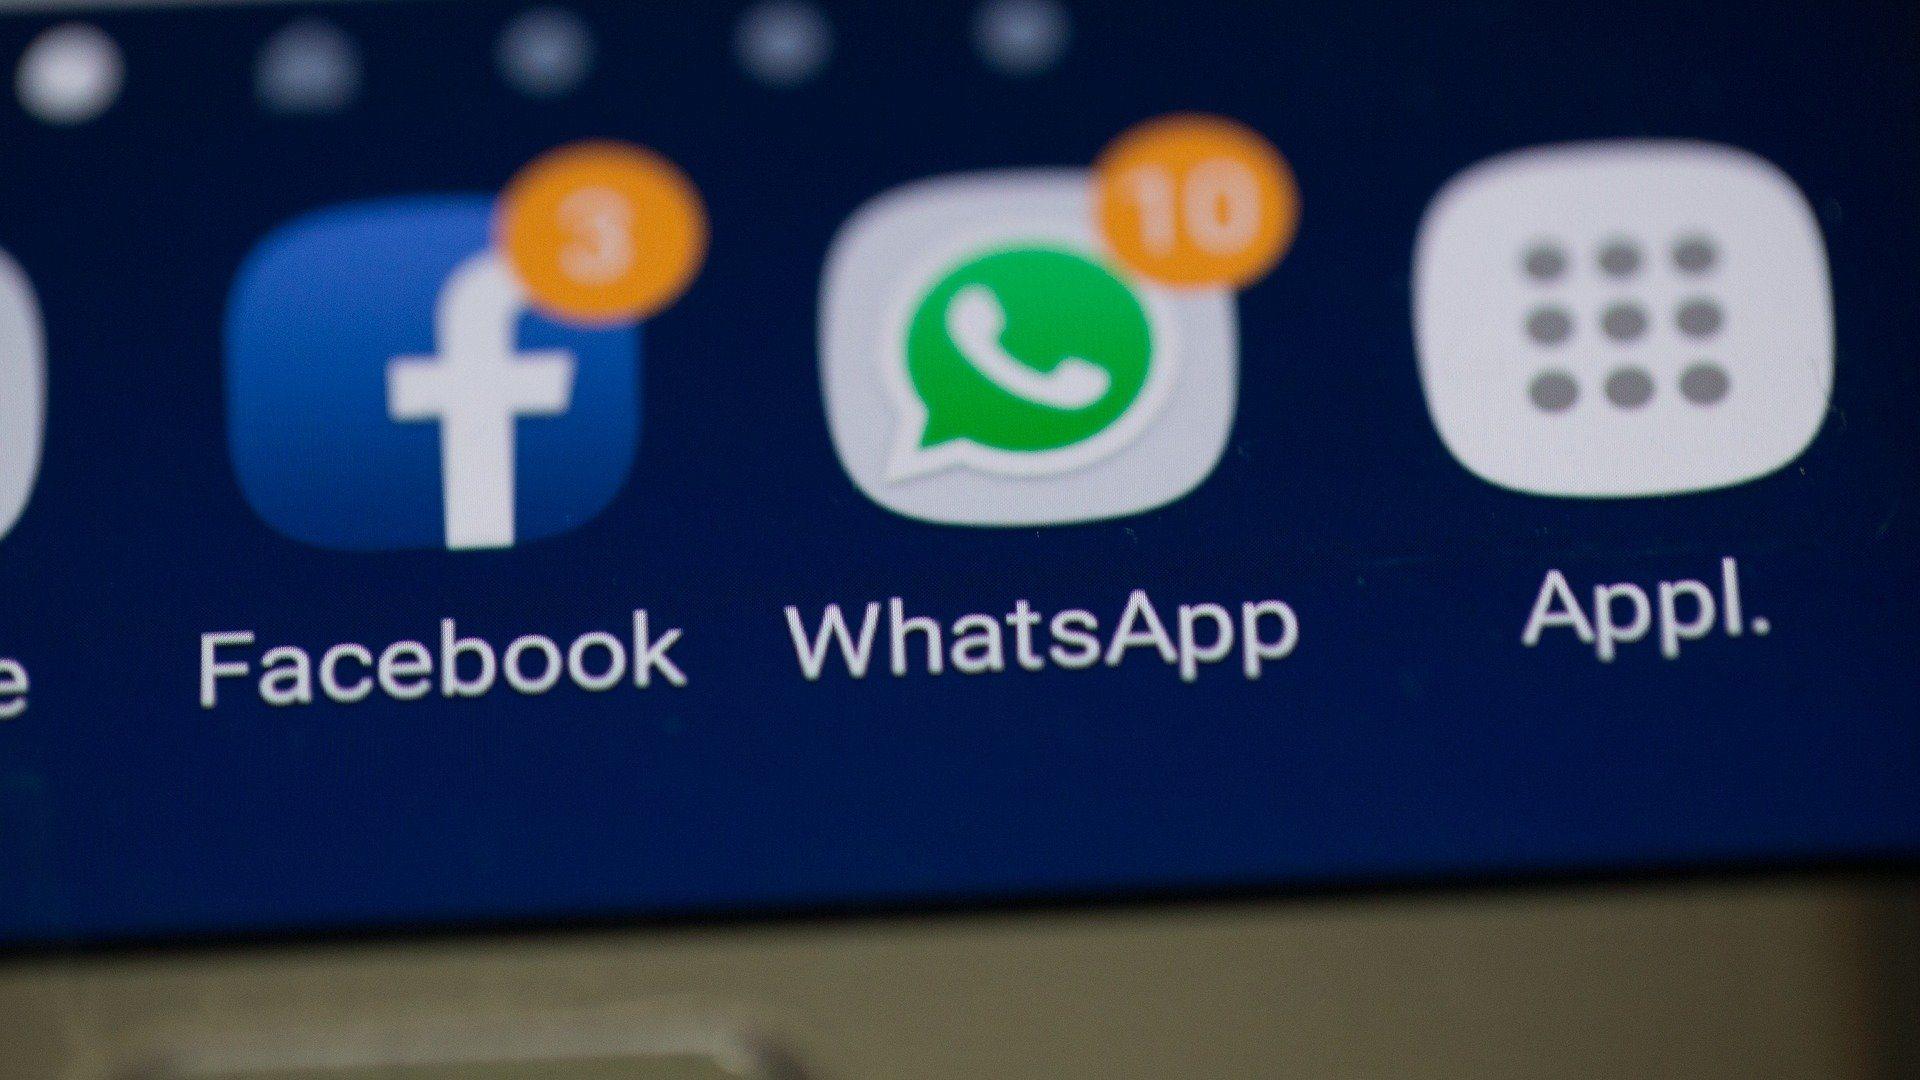 WhatsApp desiste de bloquear app de quem não aceitar novas regras | Tecnoblog